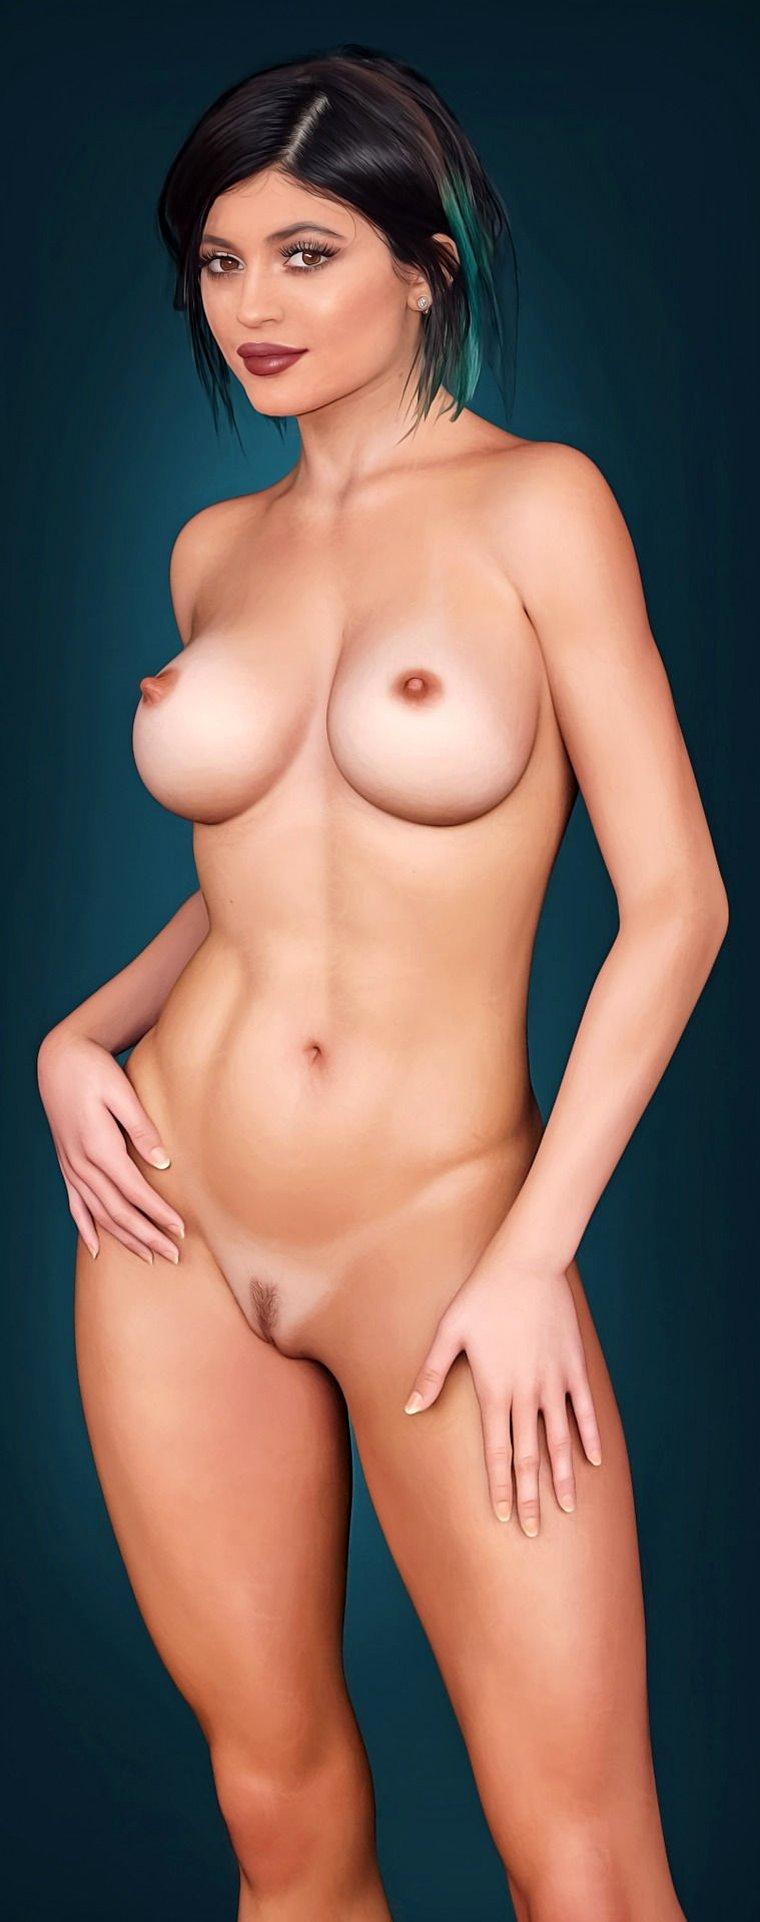 Nude celebrities by erotiscopic